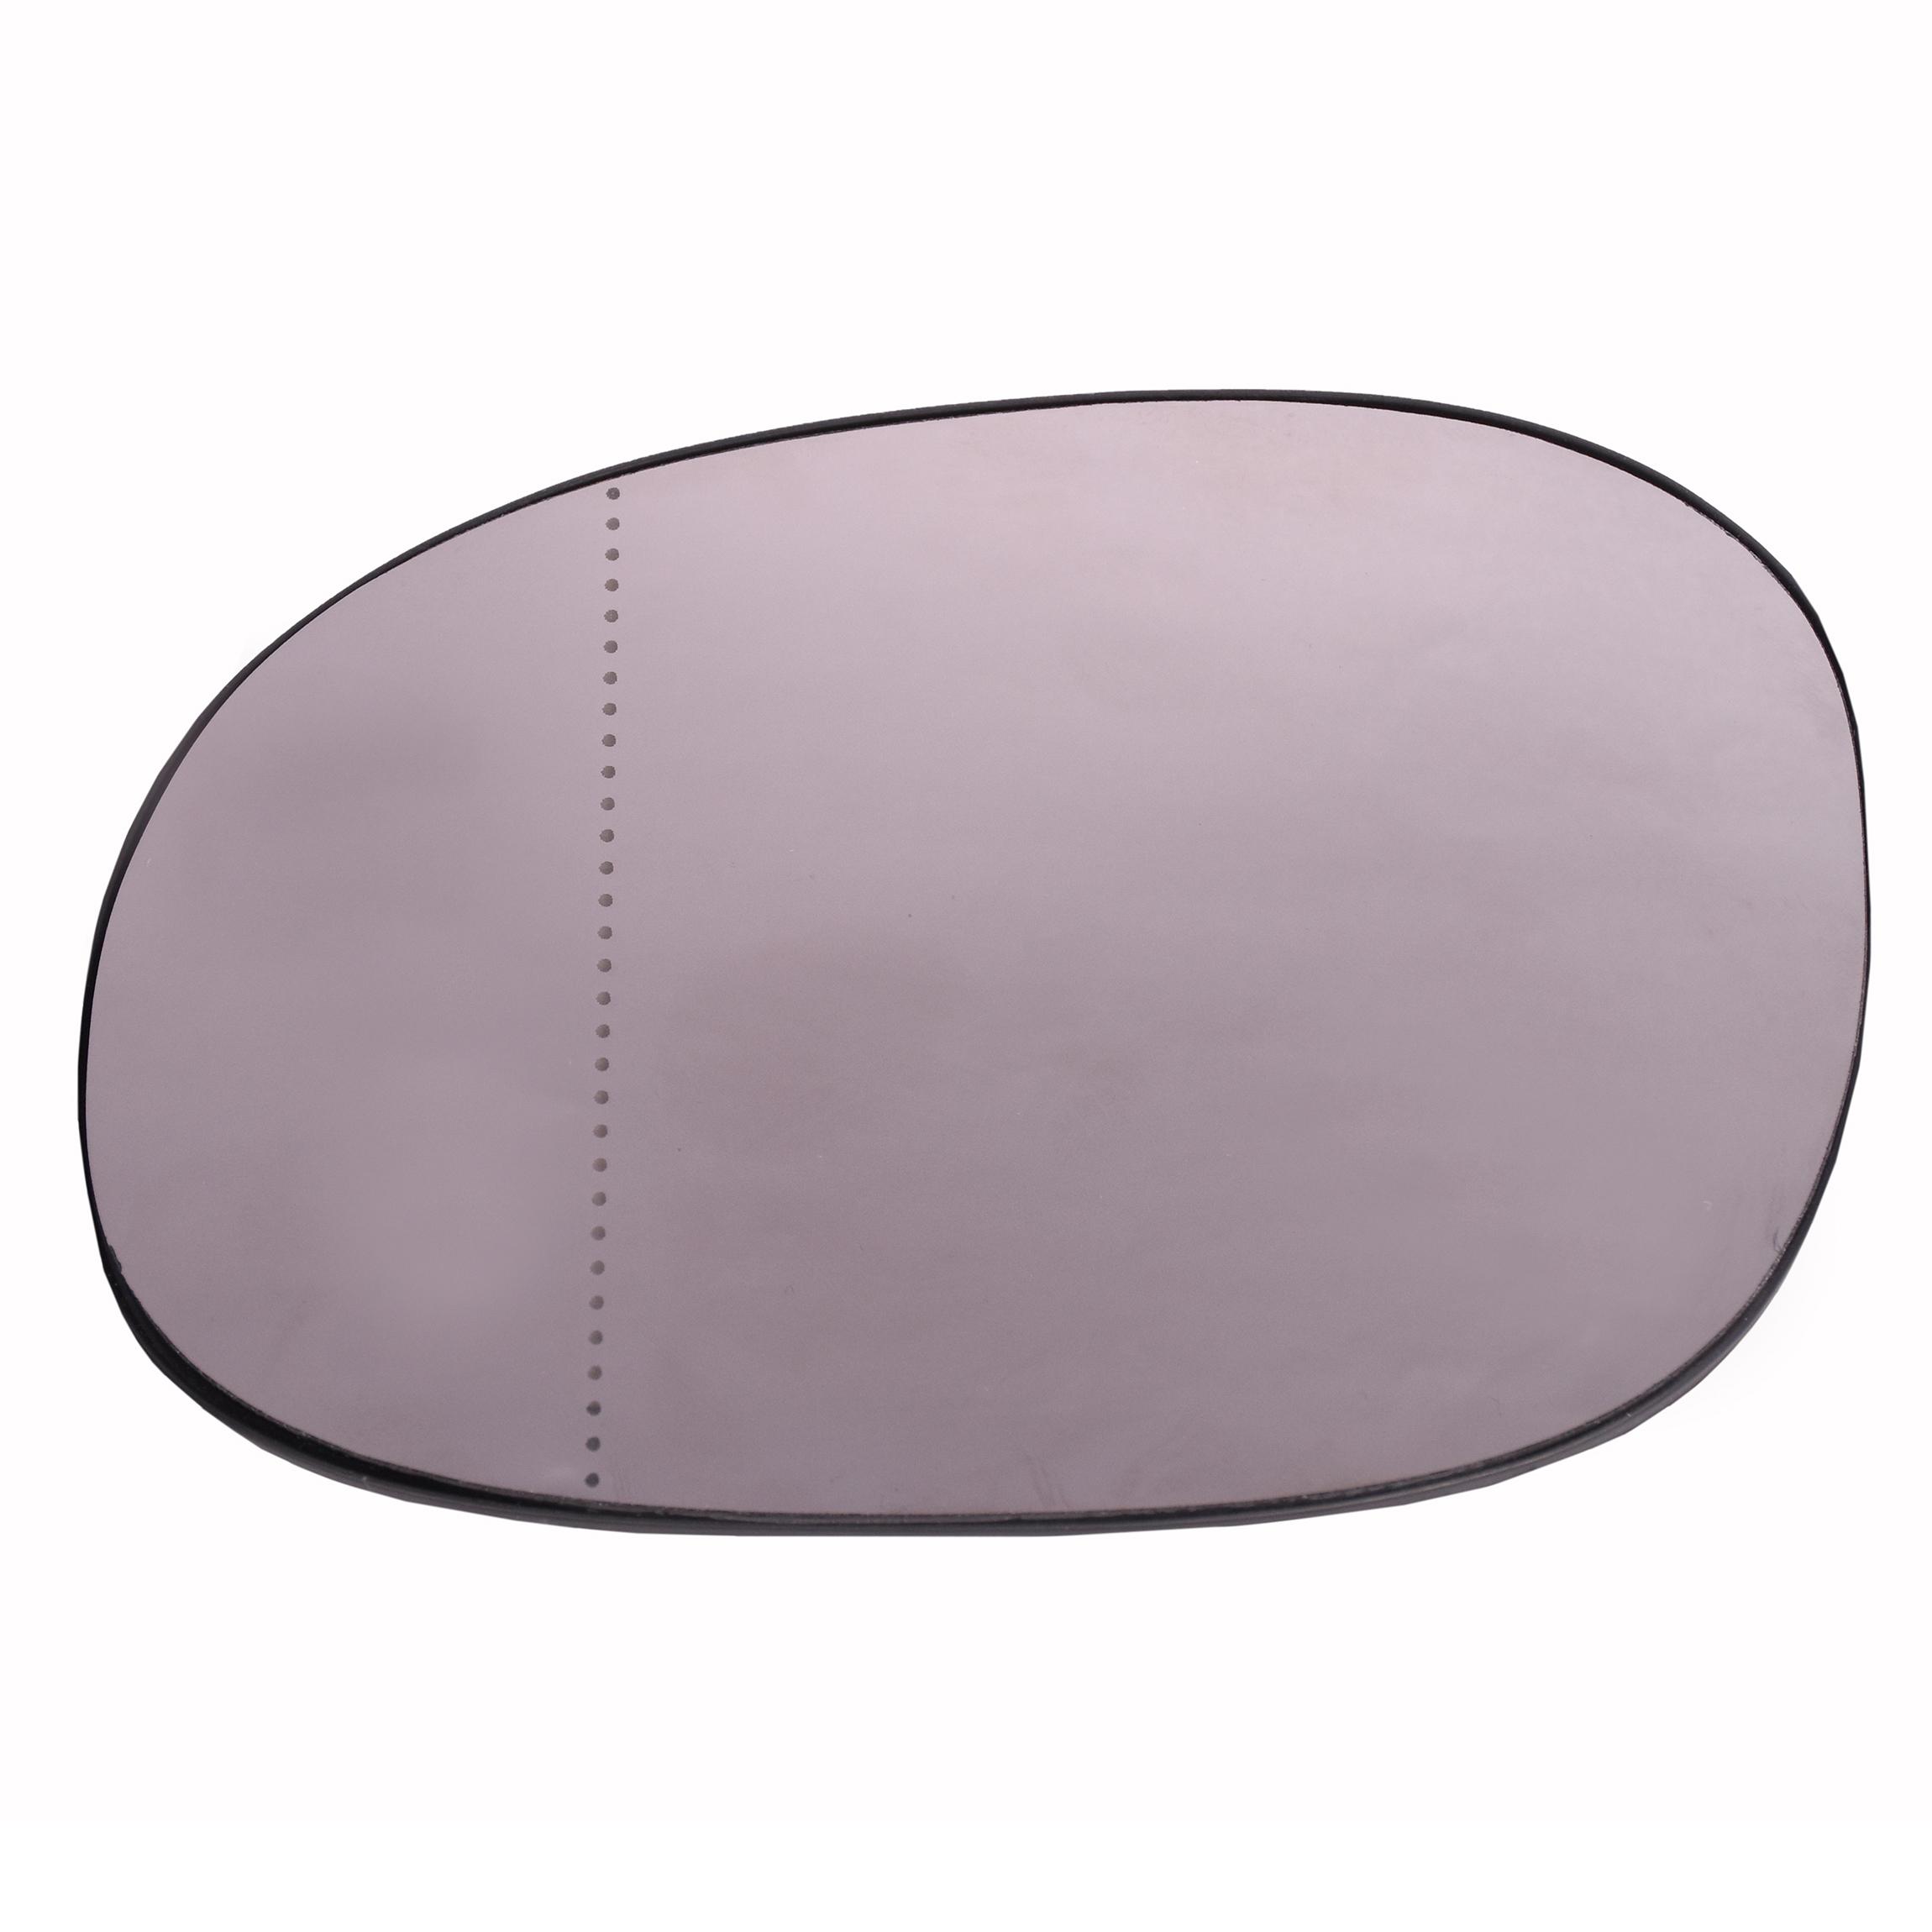 شیشه آینه جانبی چپ خودرو الوند پارت کد 221701 مناسب برای پژو 206